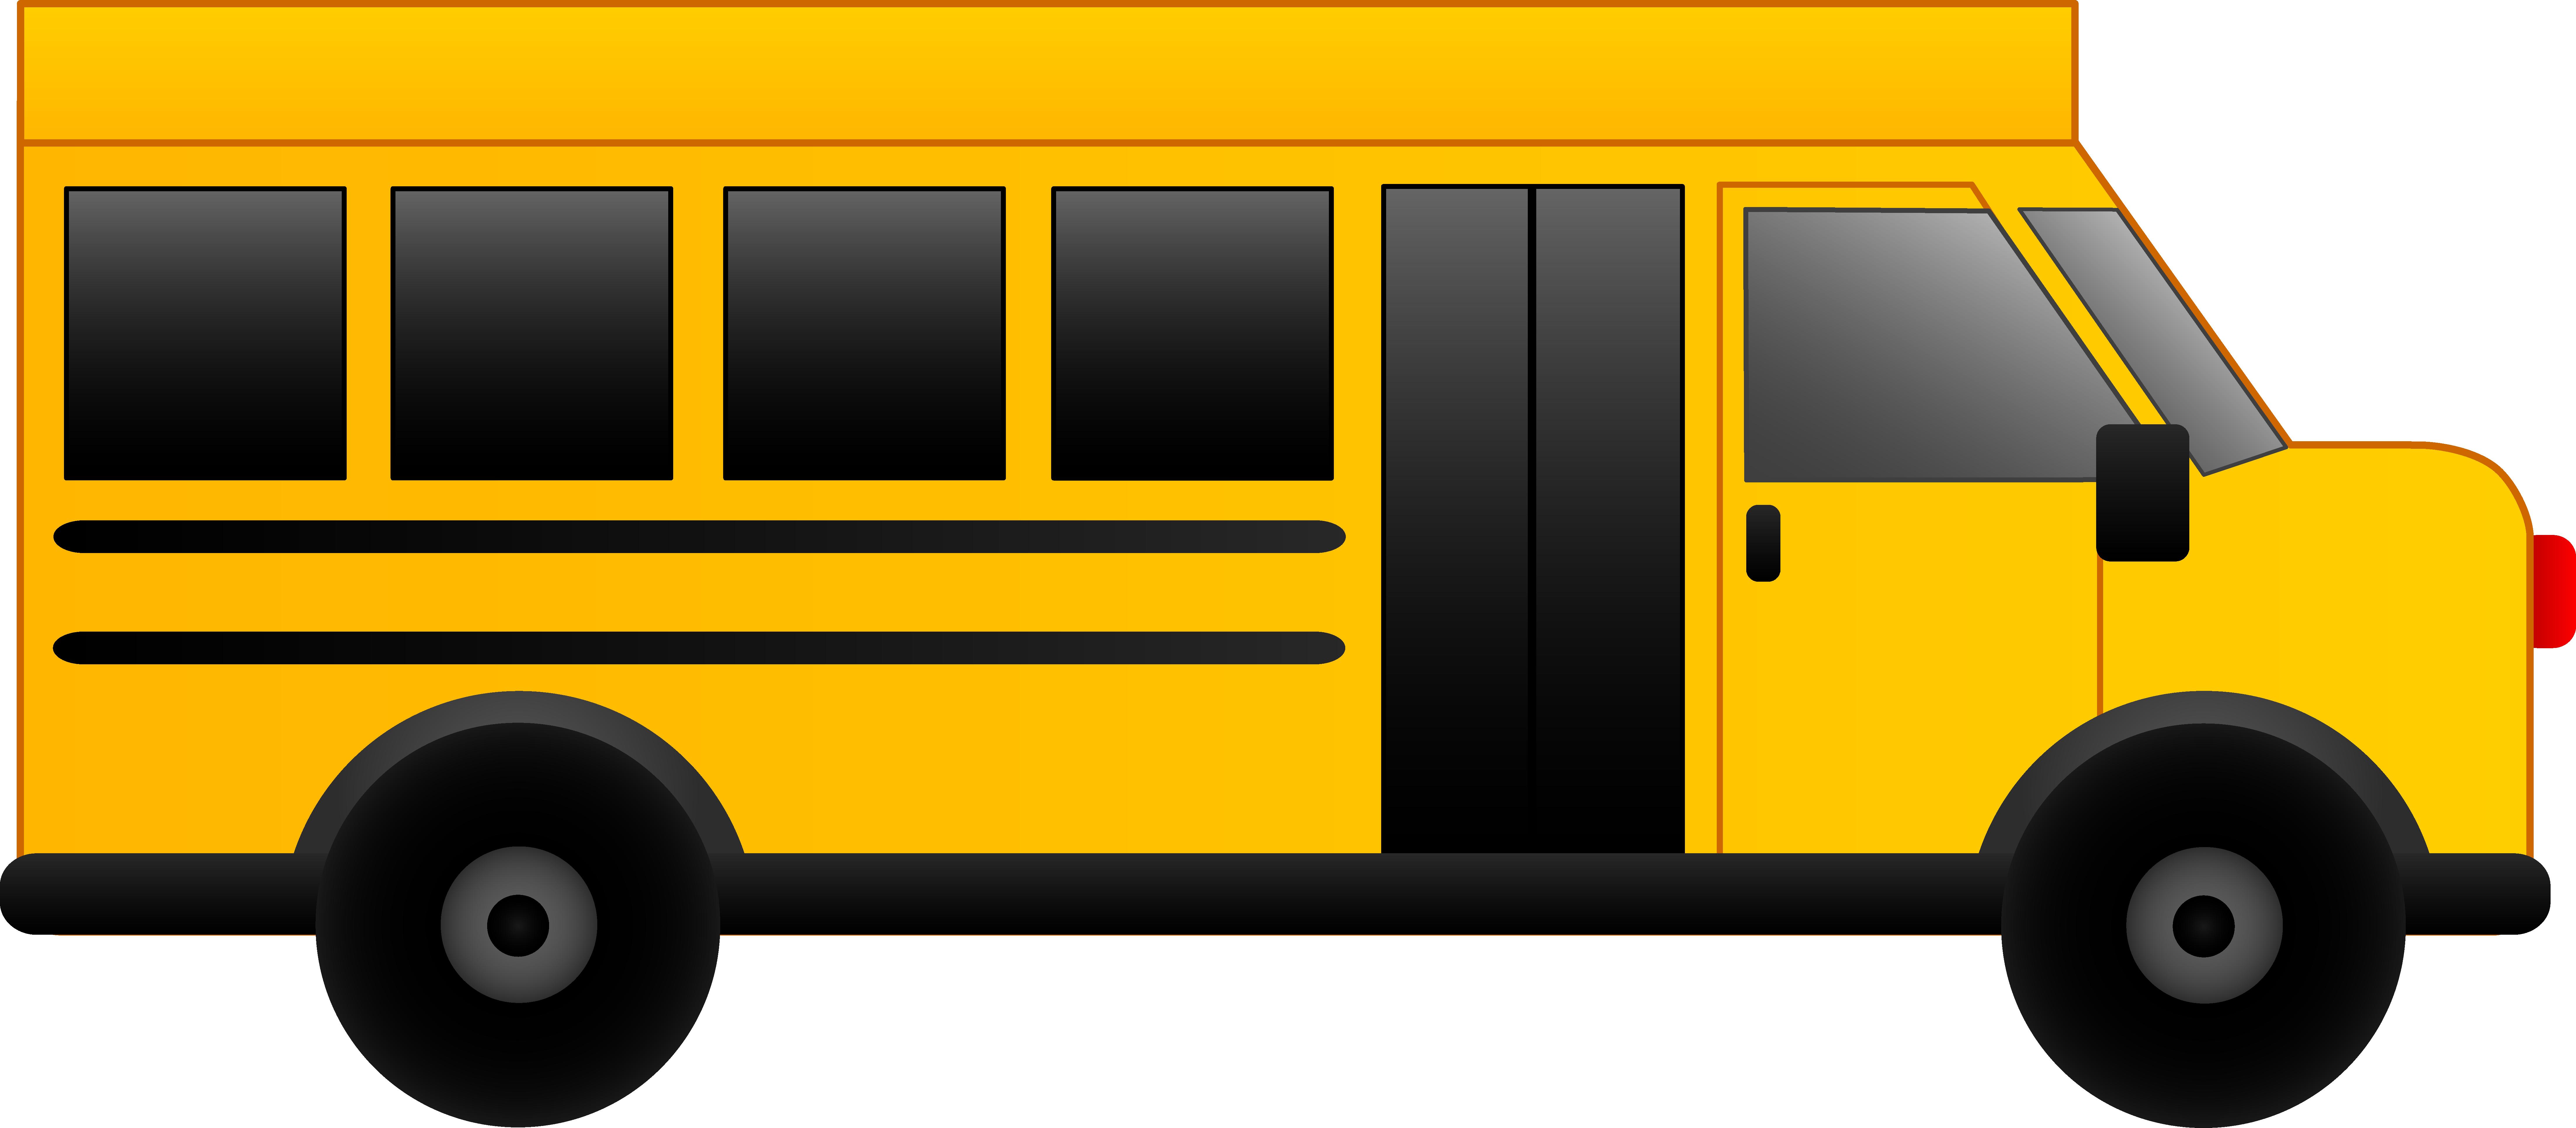 School bus clip art free clipart images